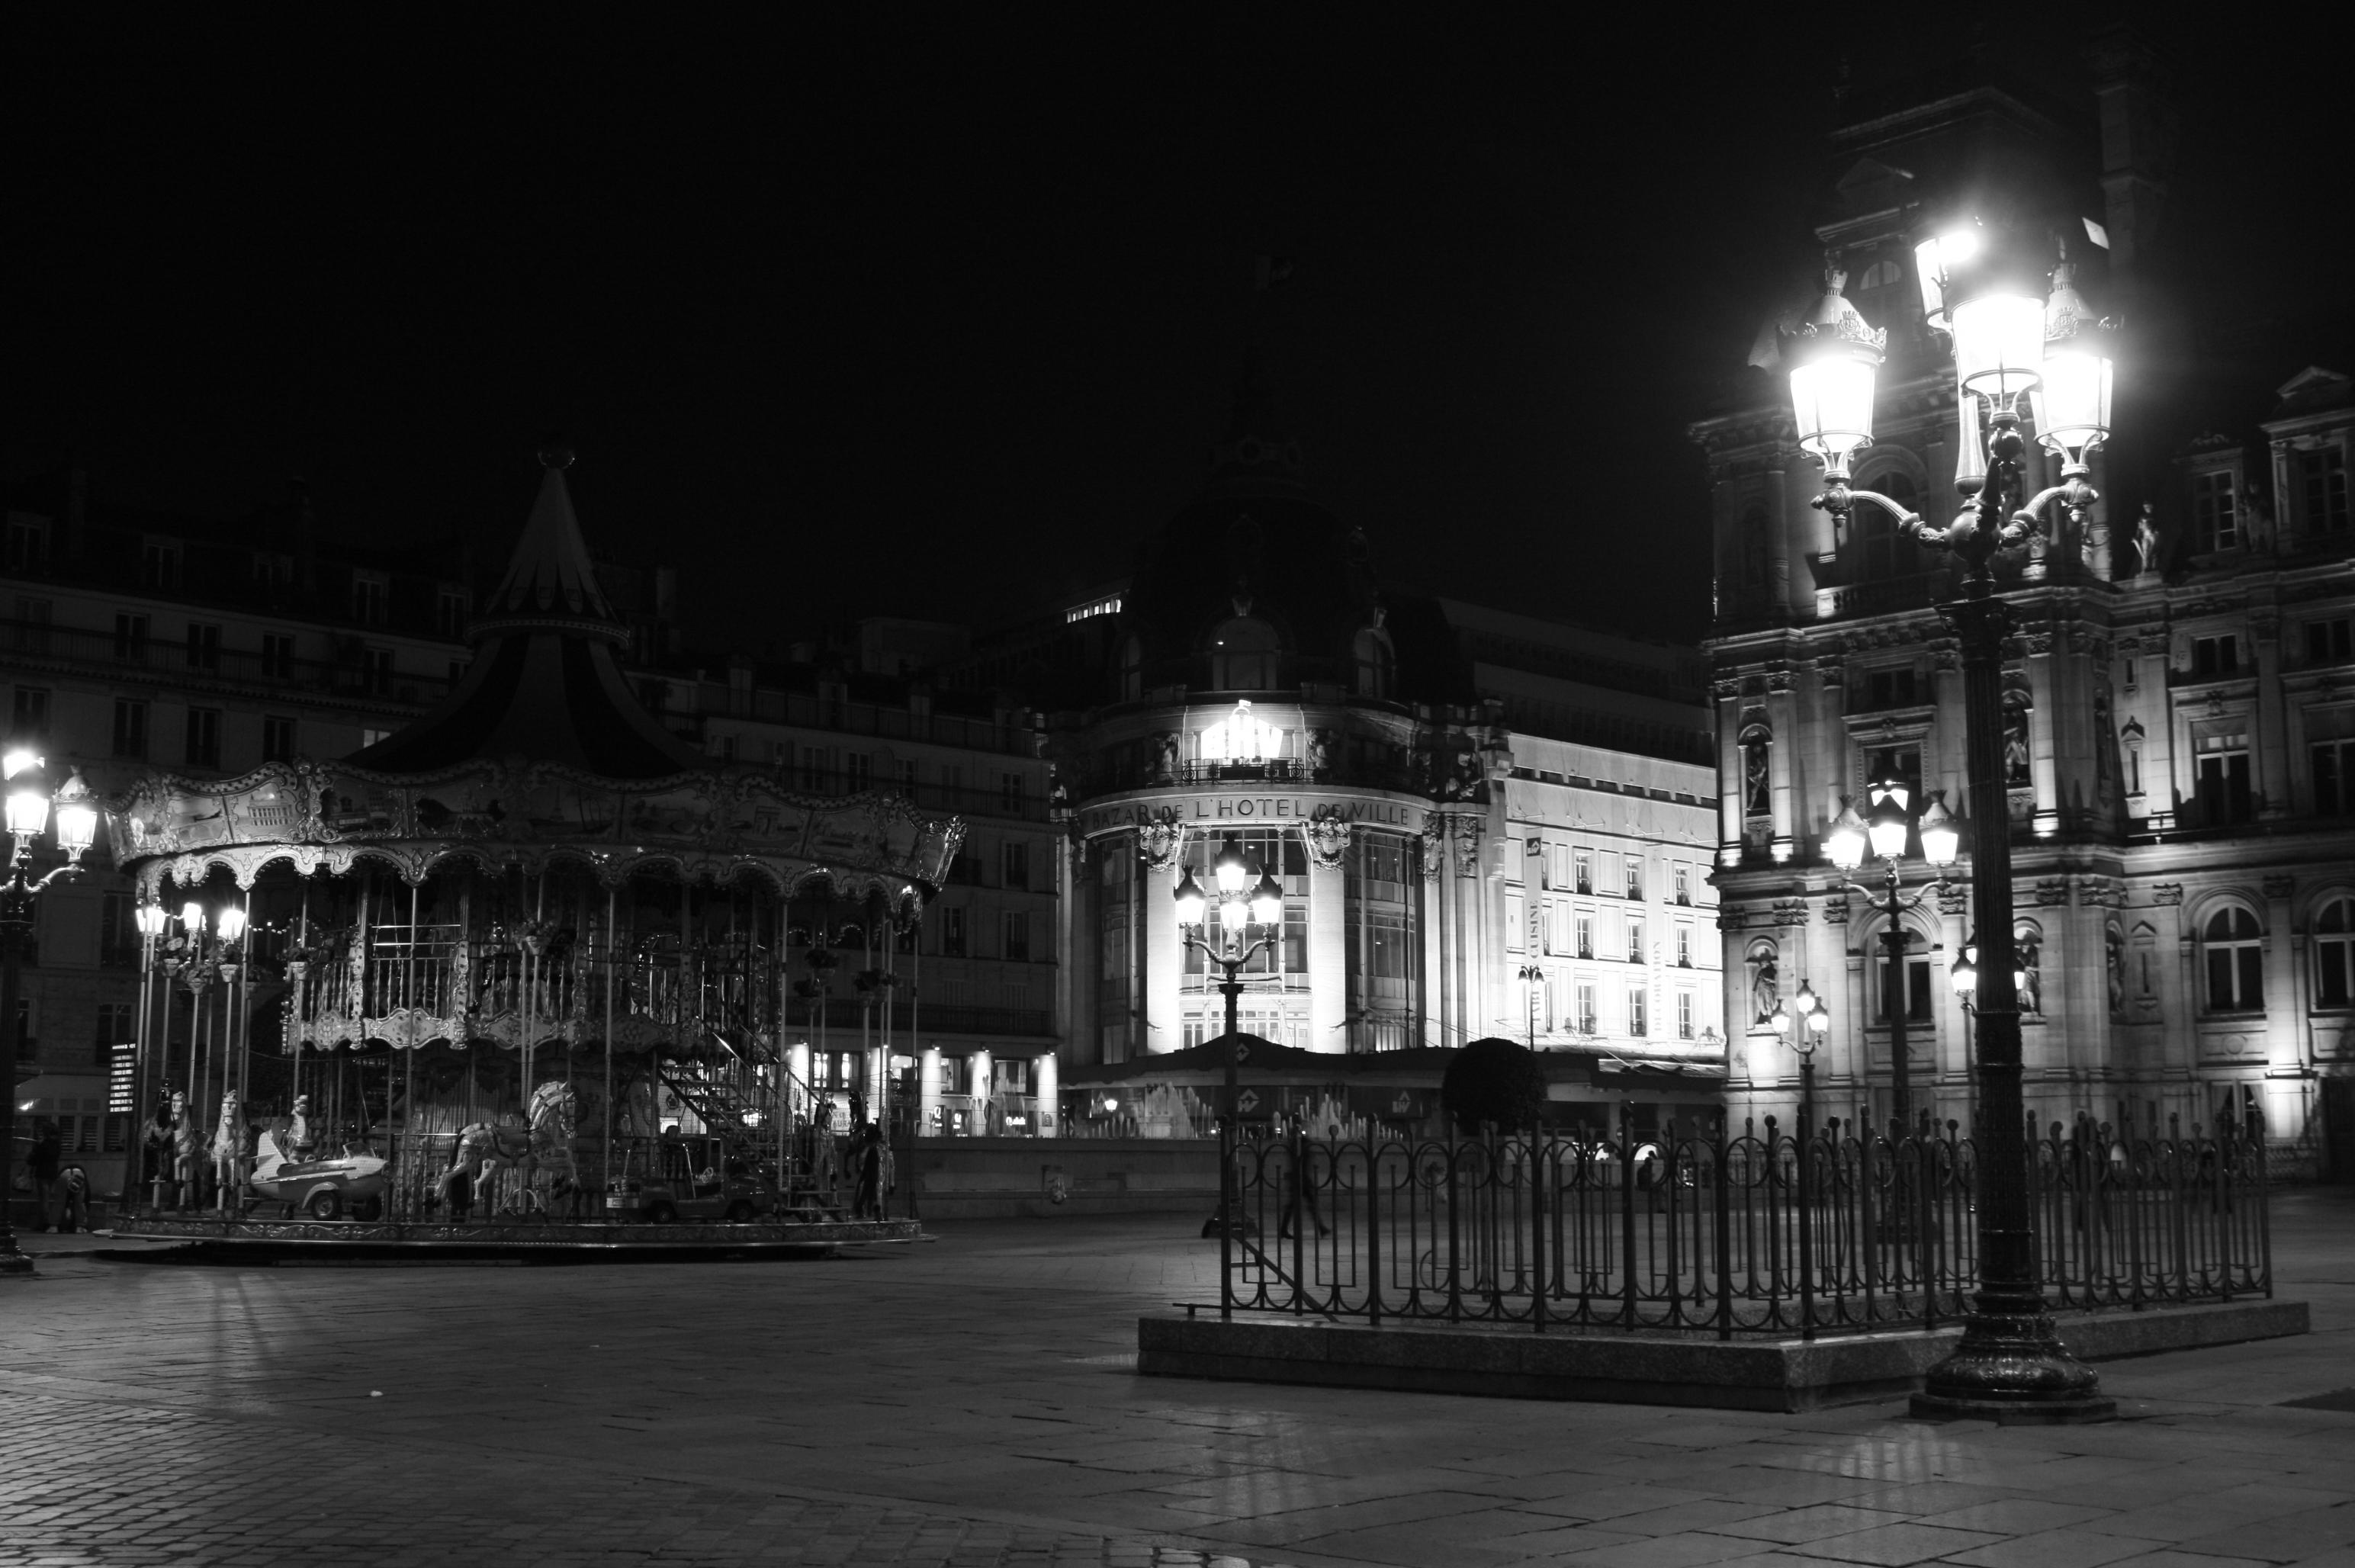 Hotel Place De Vosges